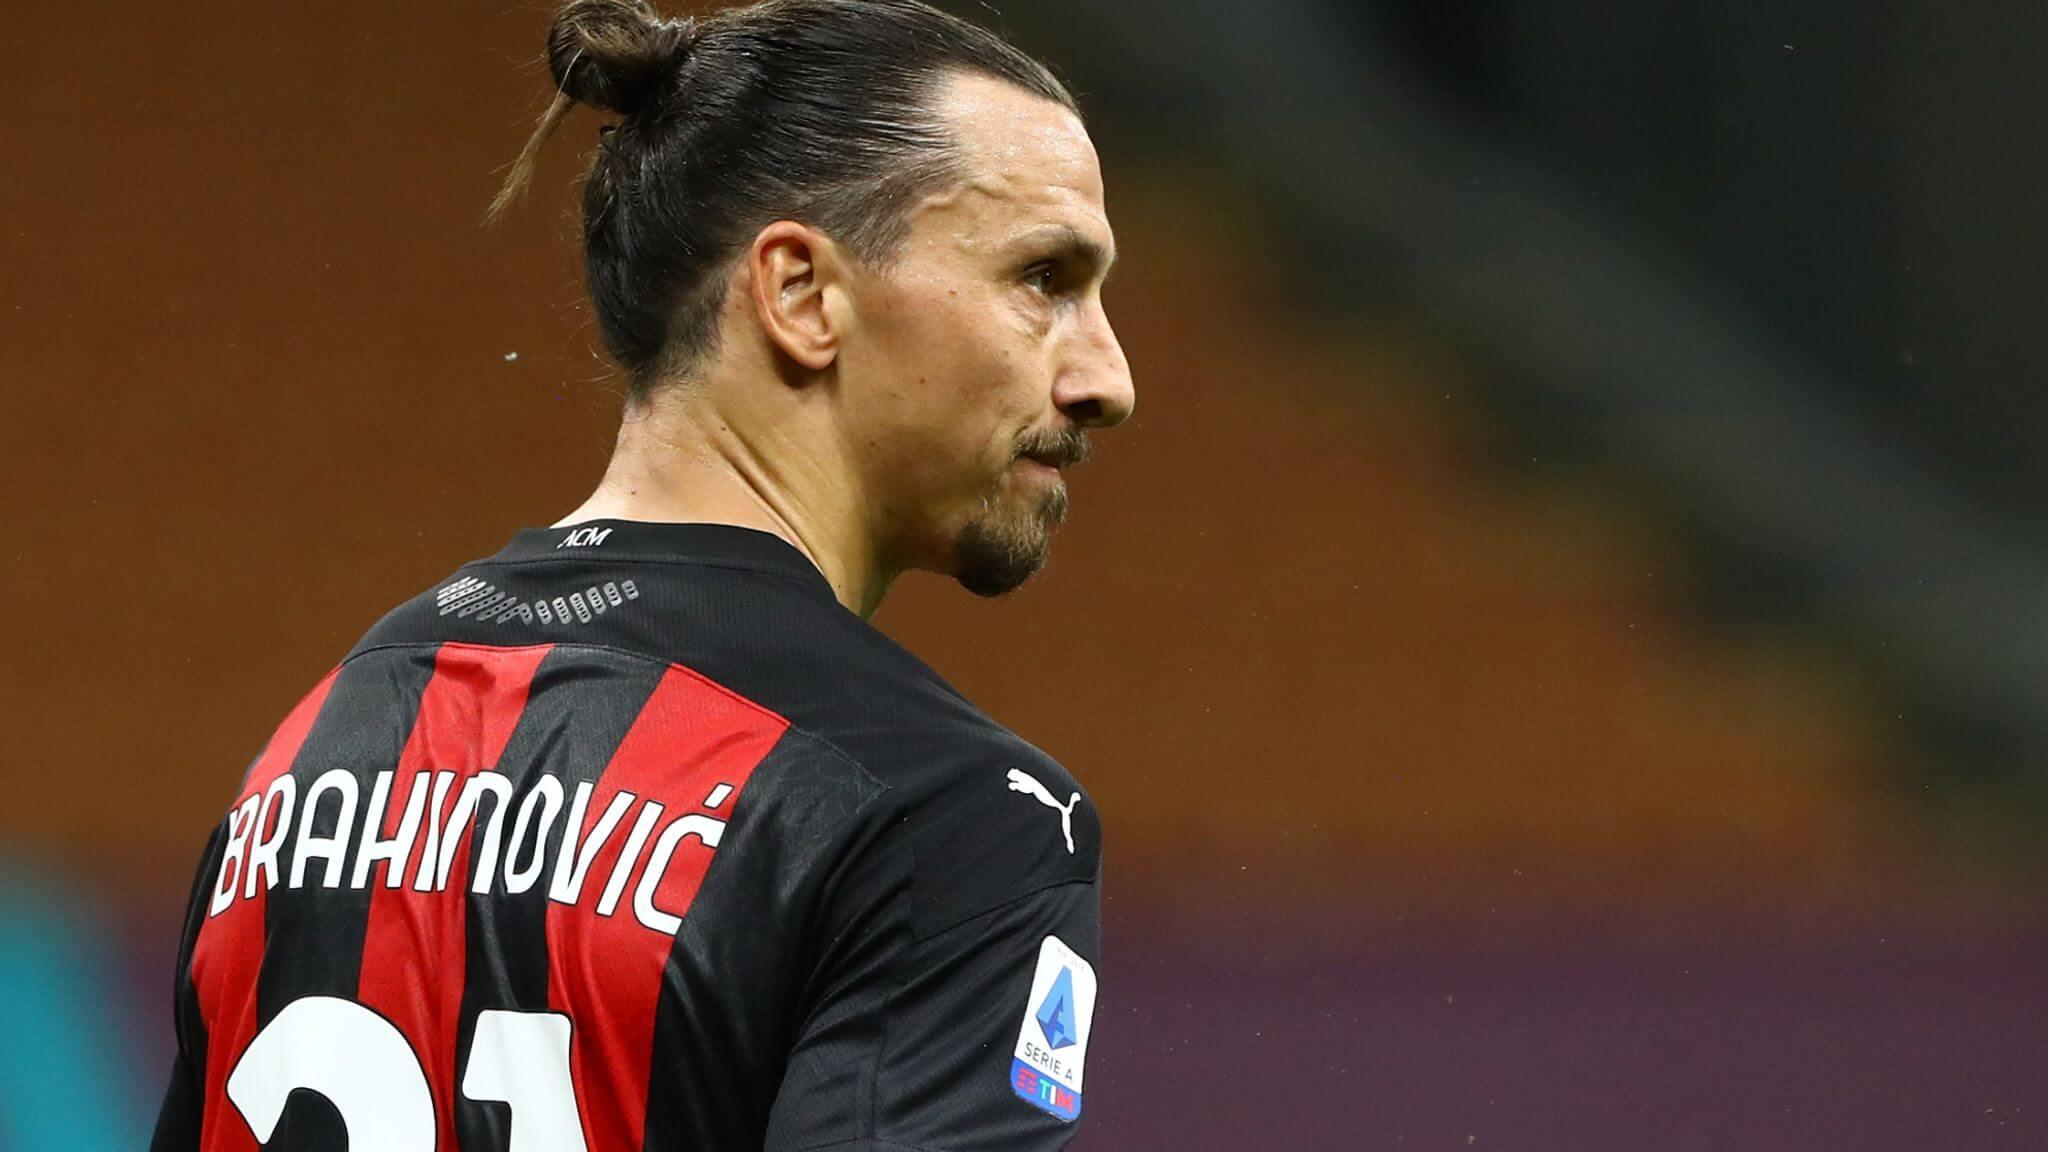 """Zlatan Ibrahimovic mantiene su lucha contra FIFA 21: """"¿A quién le compraron los derechos?"""""""